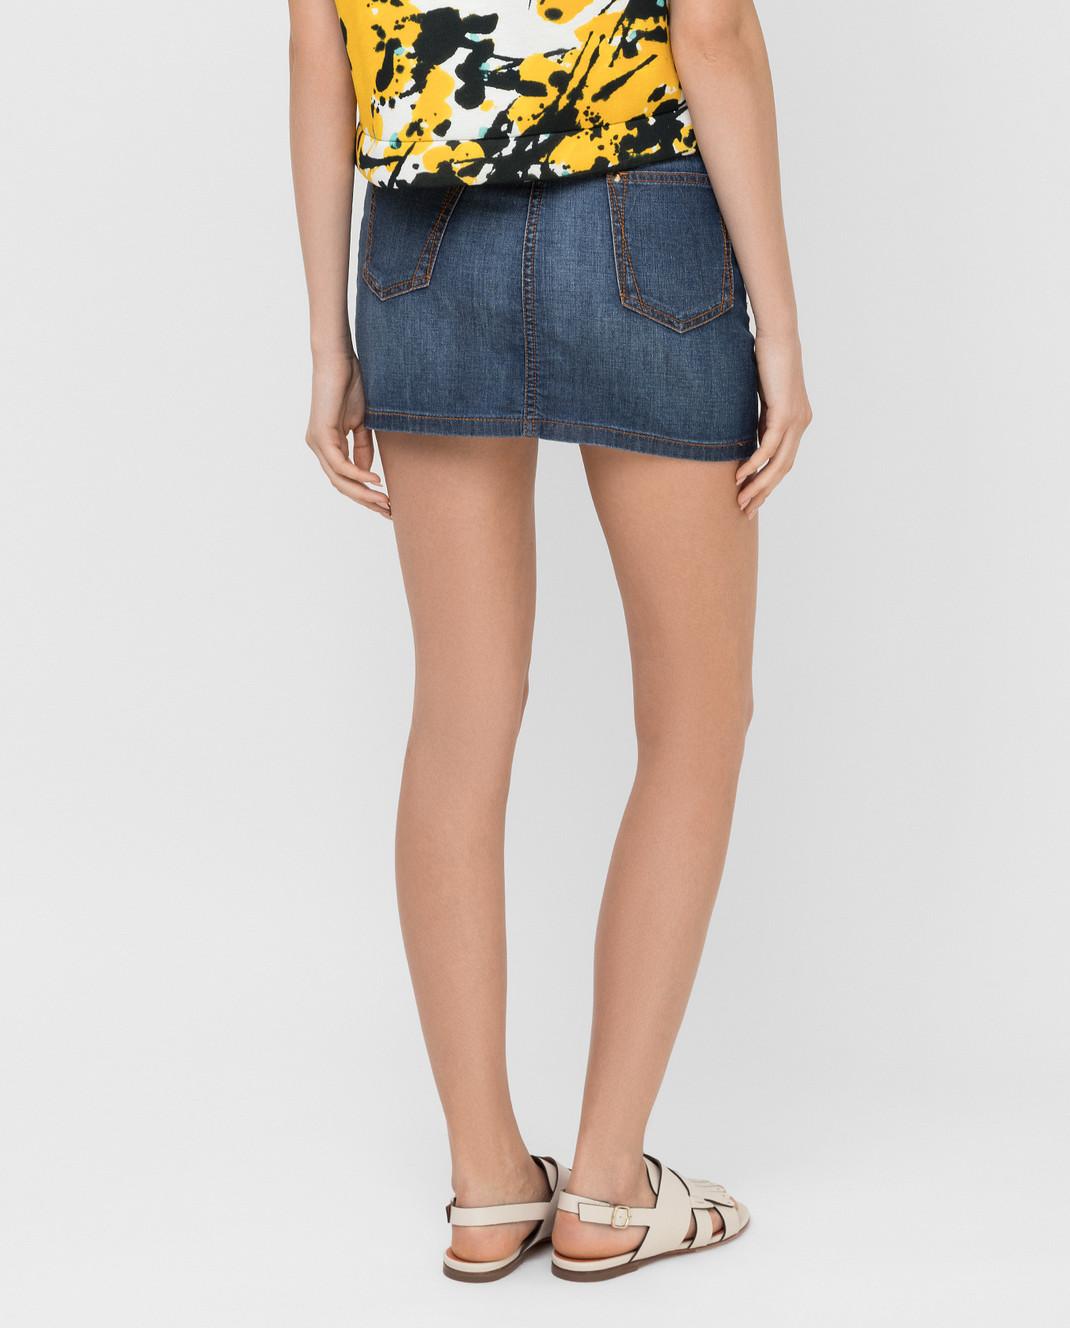 Roberto Cavalli Синяя джинсовая юбка CQJ320 изображение 4